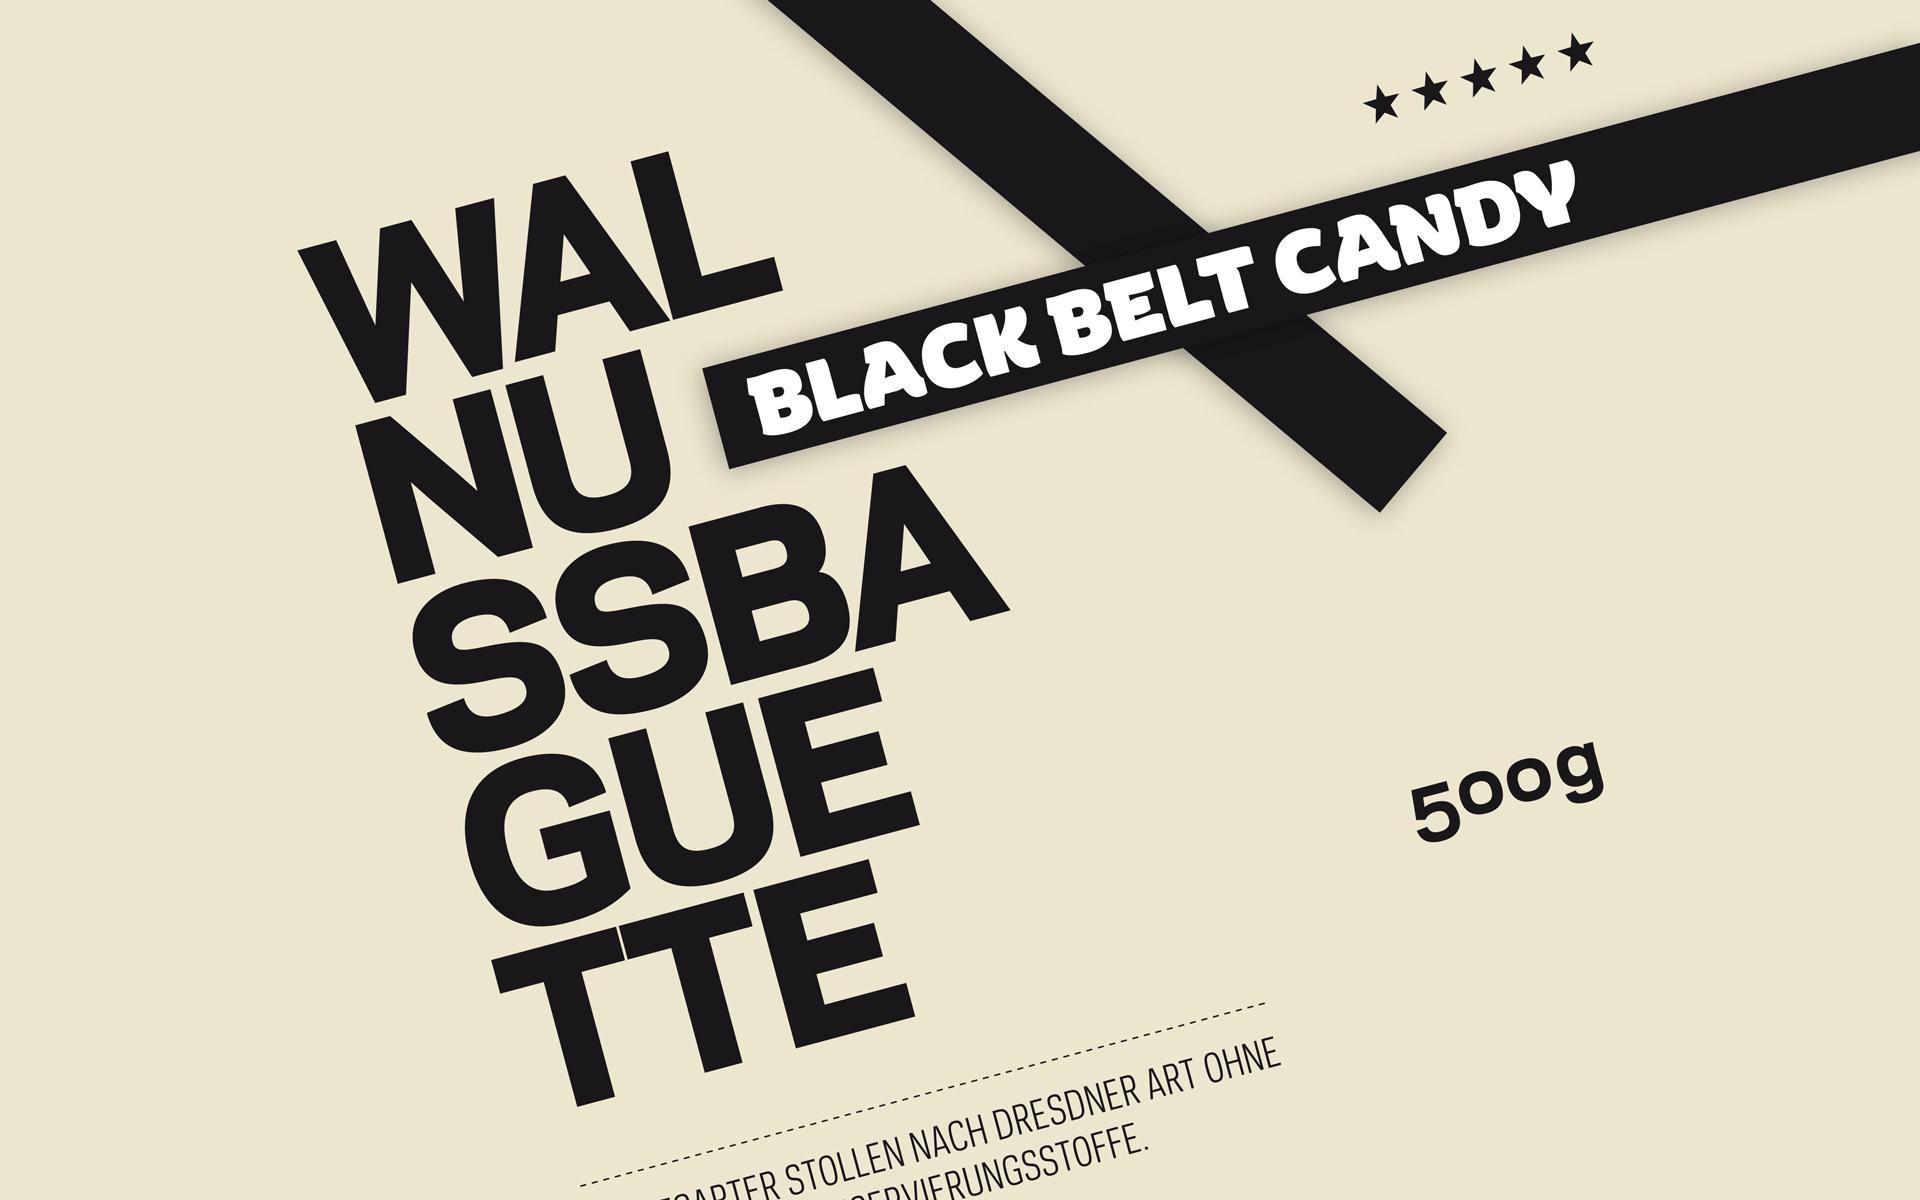 Black Belt Bakery Corporate Design, Gestaltungselemente, Balken, Schrift und Typografie